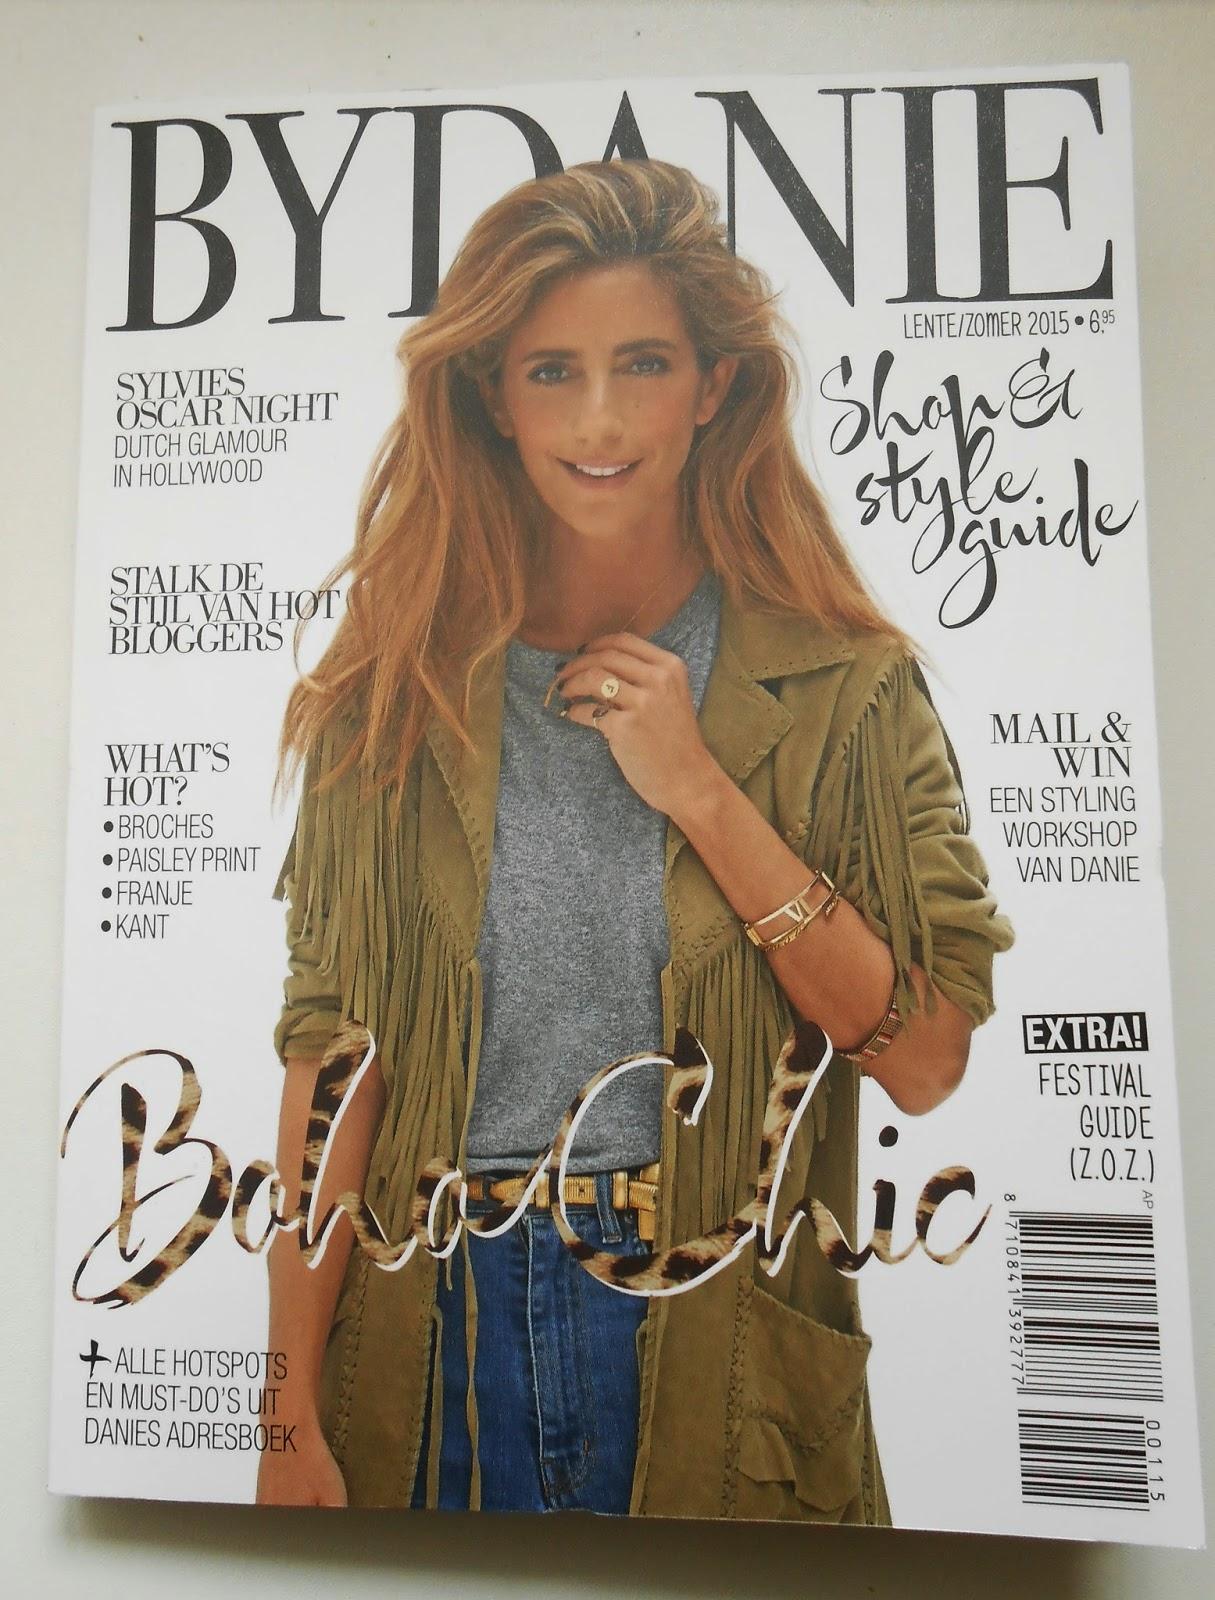 BYDanie Shop & Styleguide Lente/Zomer 2015